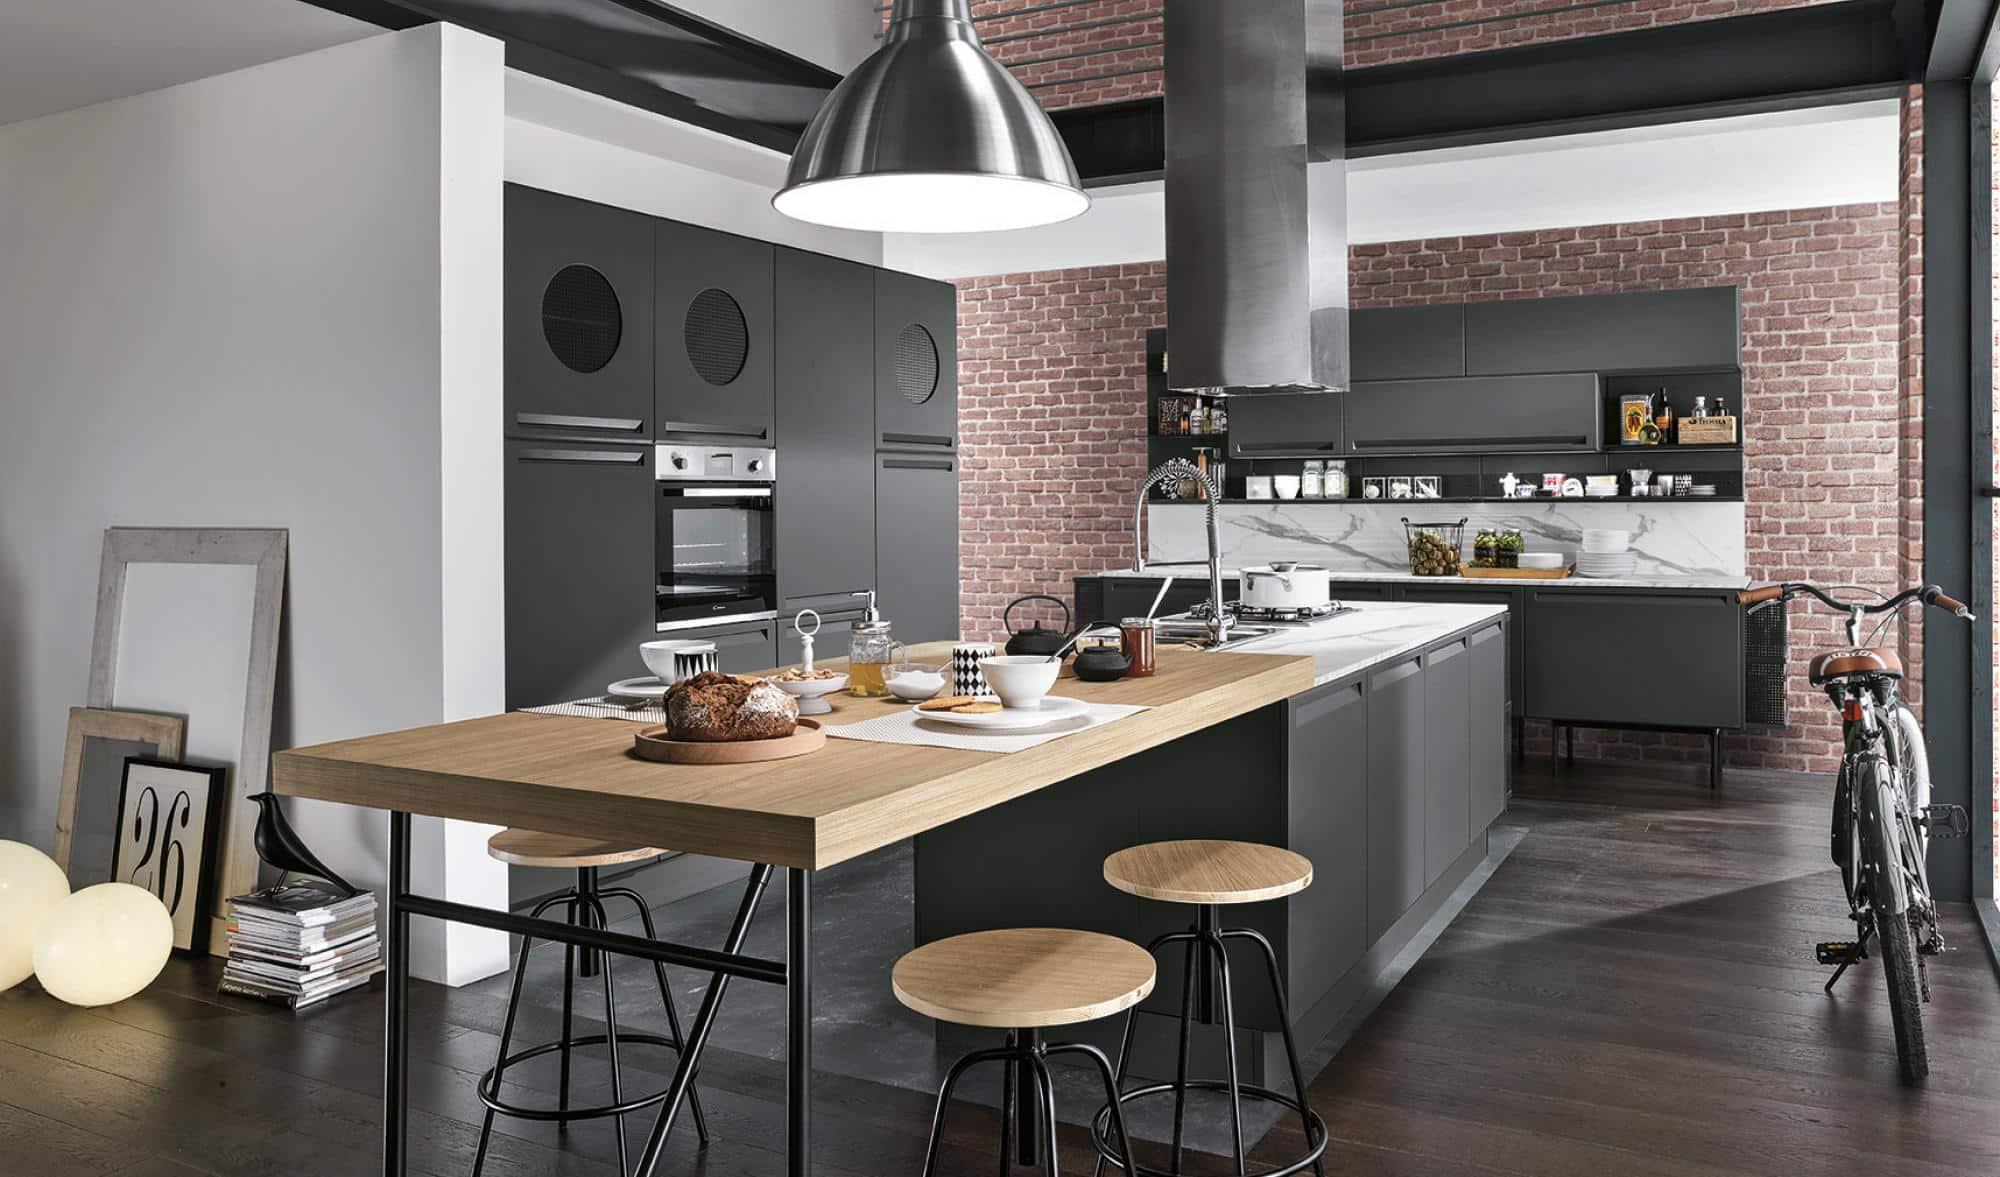 Isla κουζινα γκρι πολυμερικο με ενσωματωμενη λαβη και ρετρο υφος